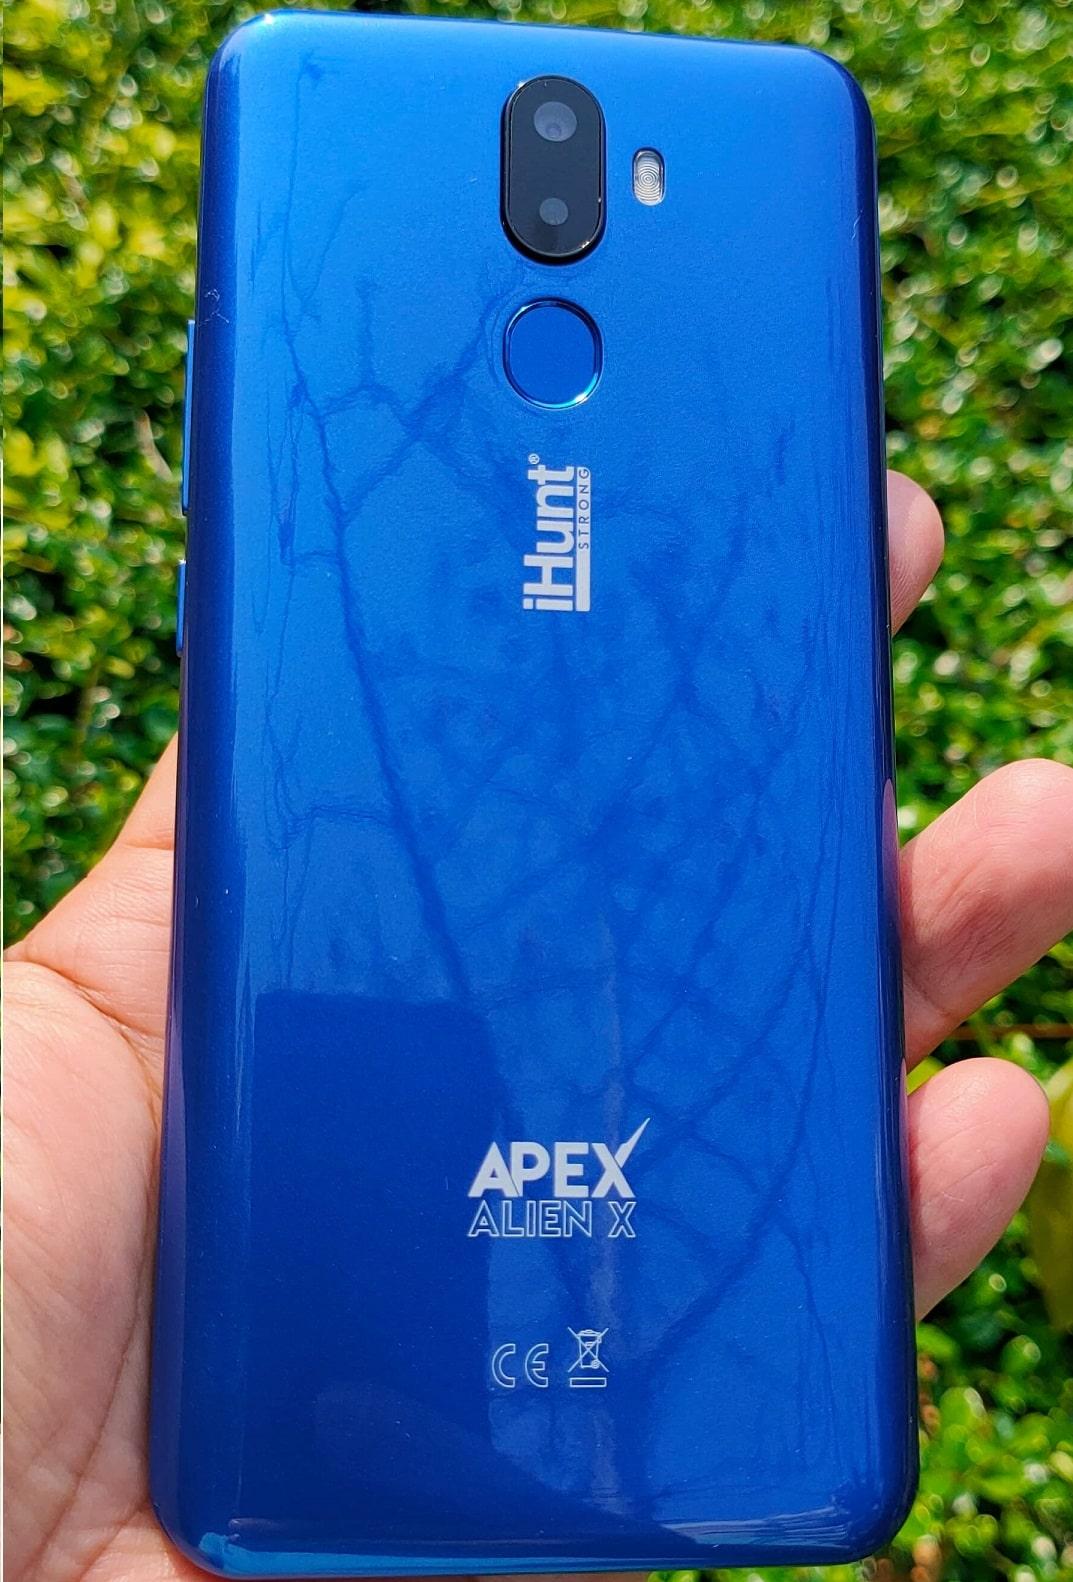 alien x apex 2020 breaking: ihunt ieftineste modelul nou, alien x apex 2020